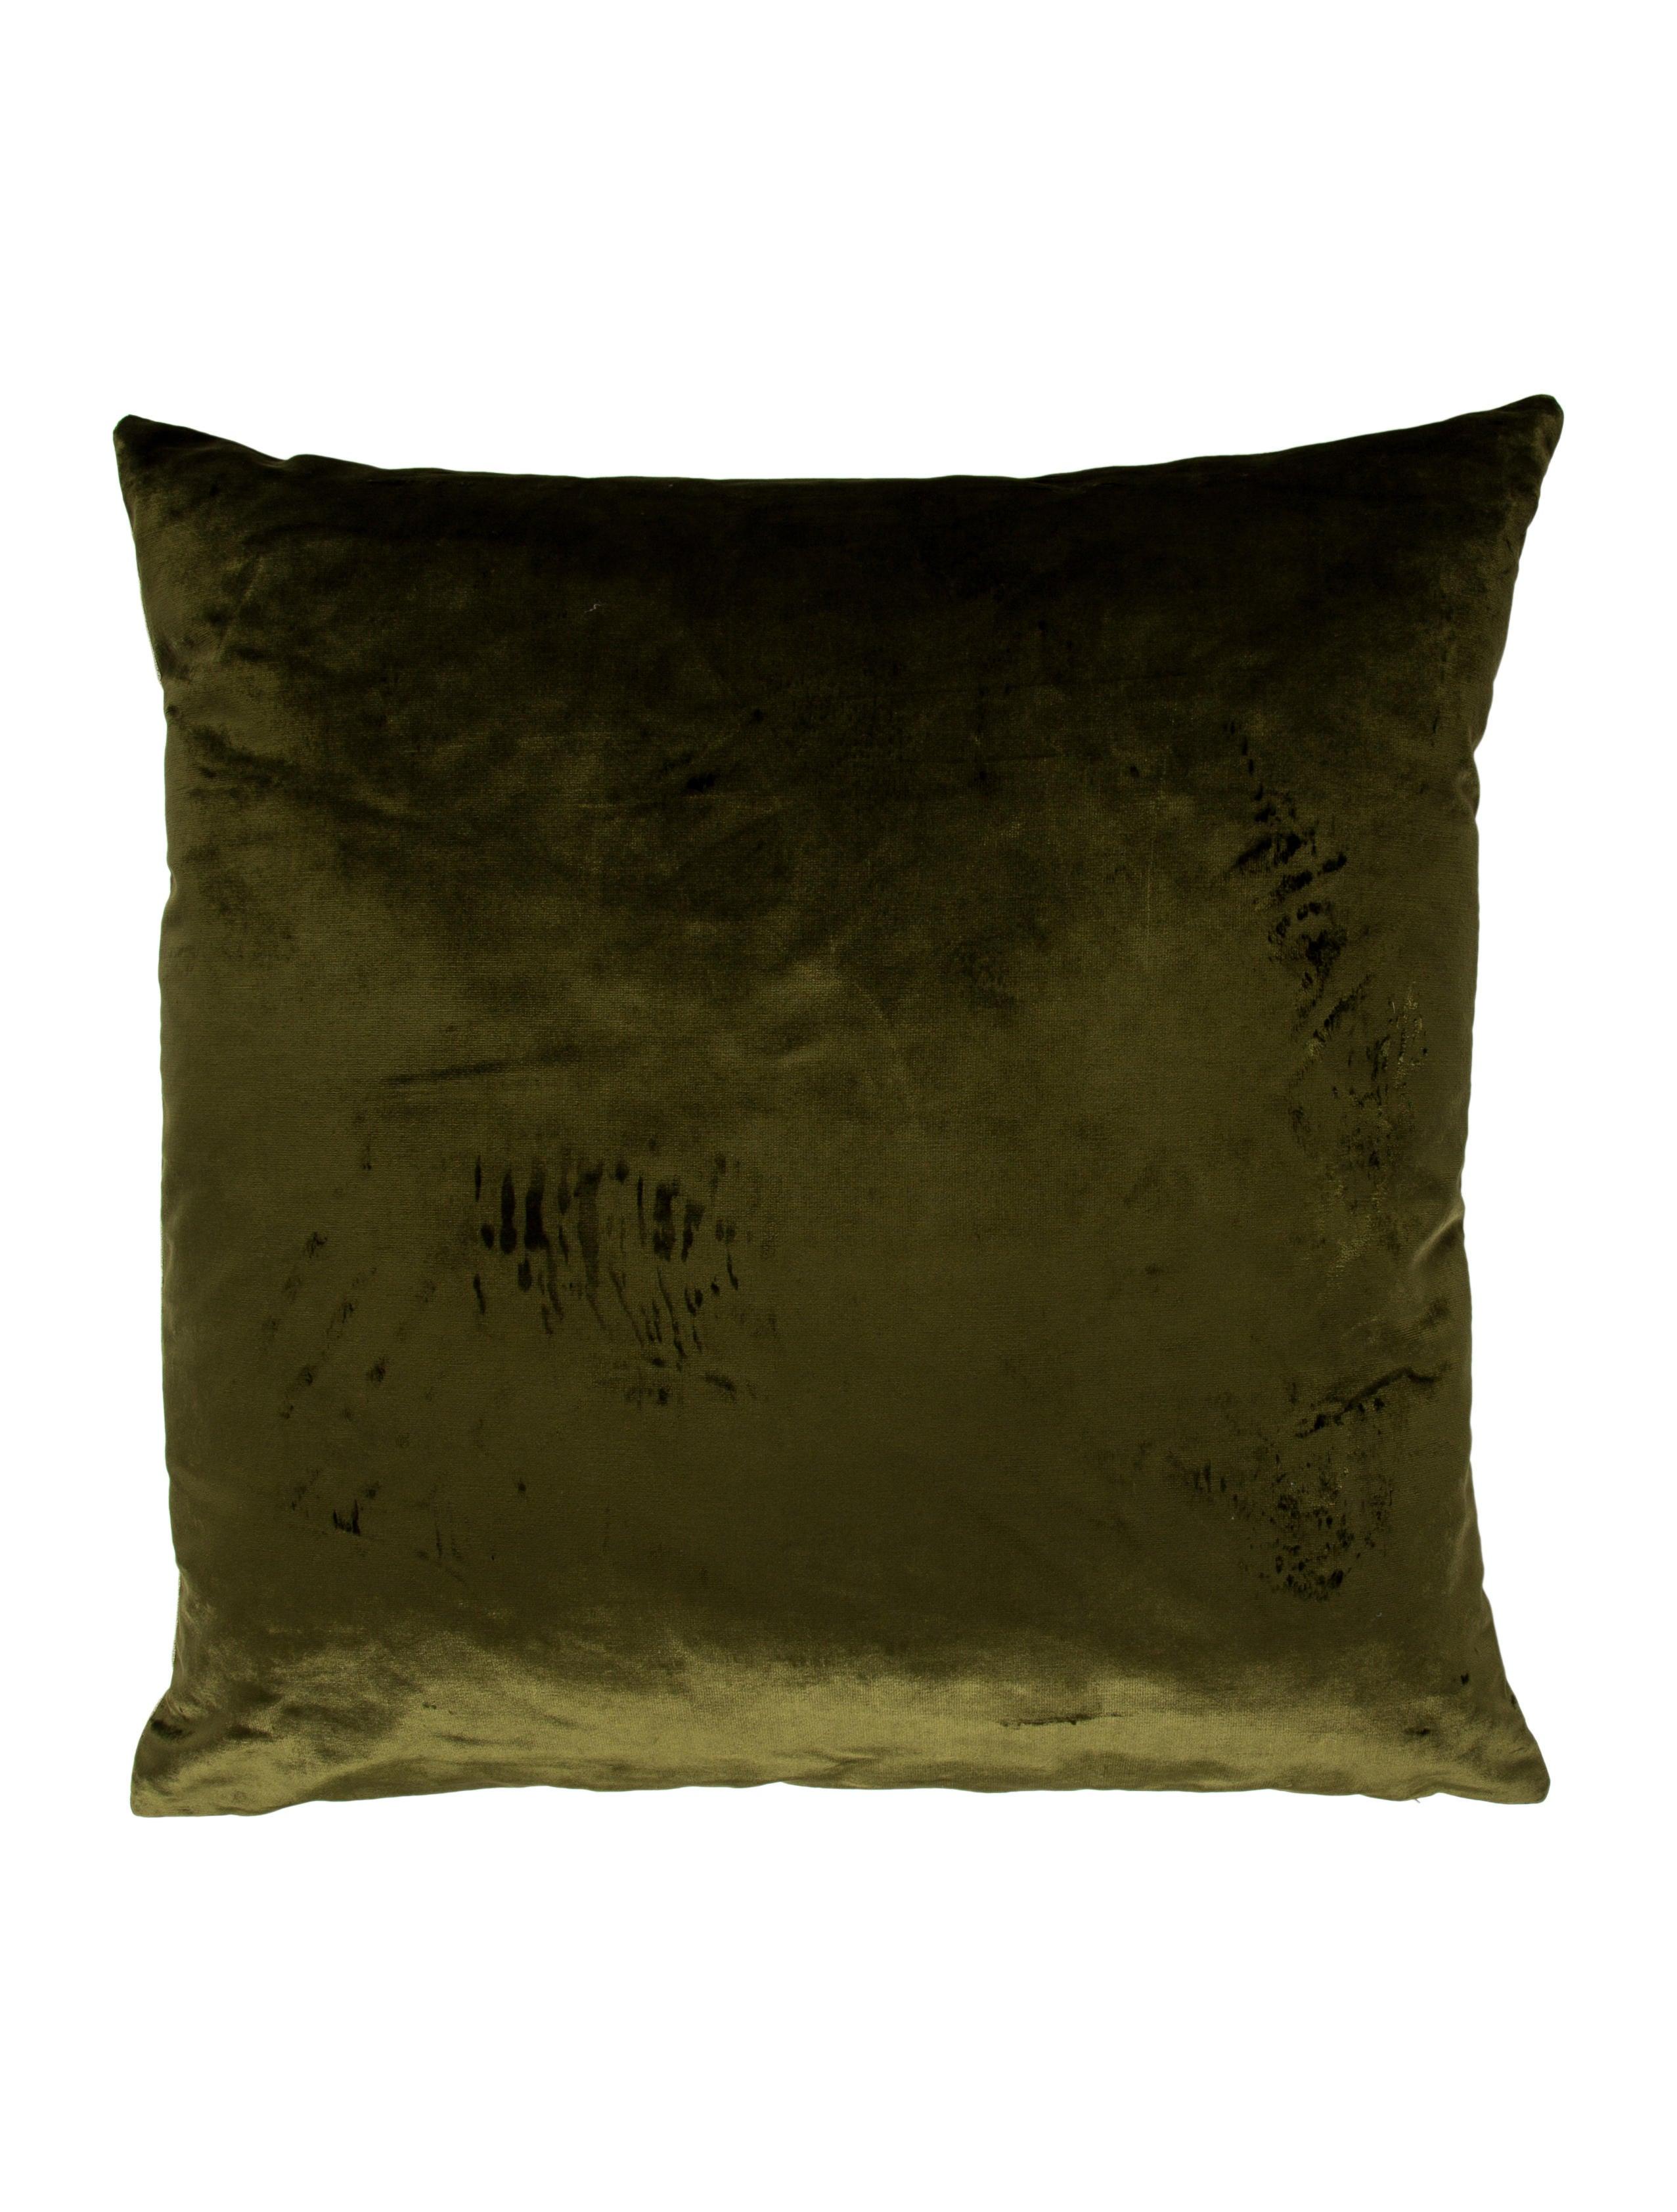 Iosis Velvet Throw Pillow - Bedding And Bath - PILLO20213 The RealReal